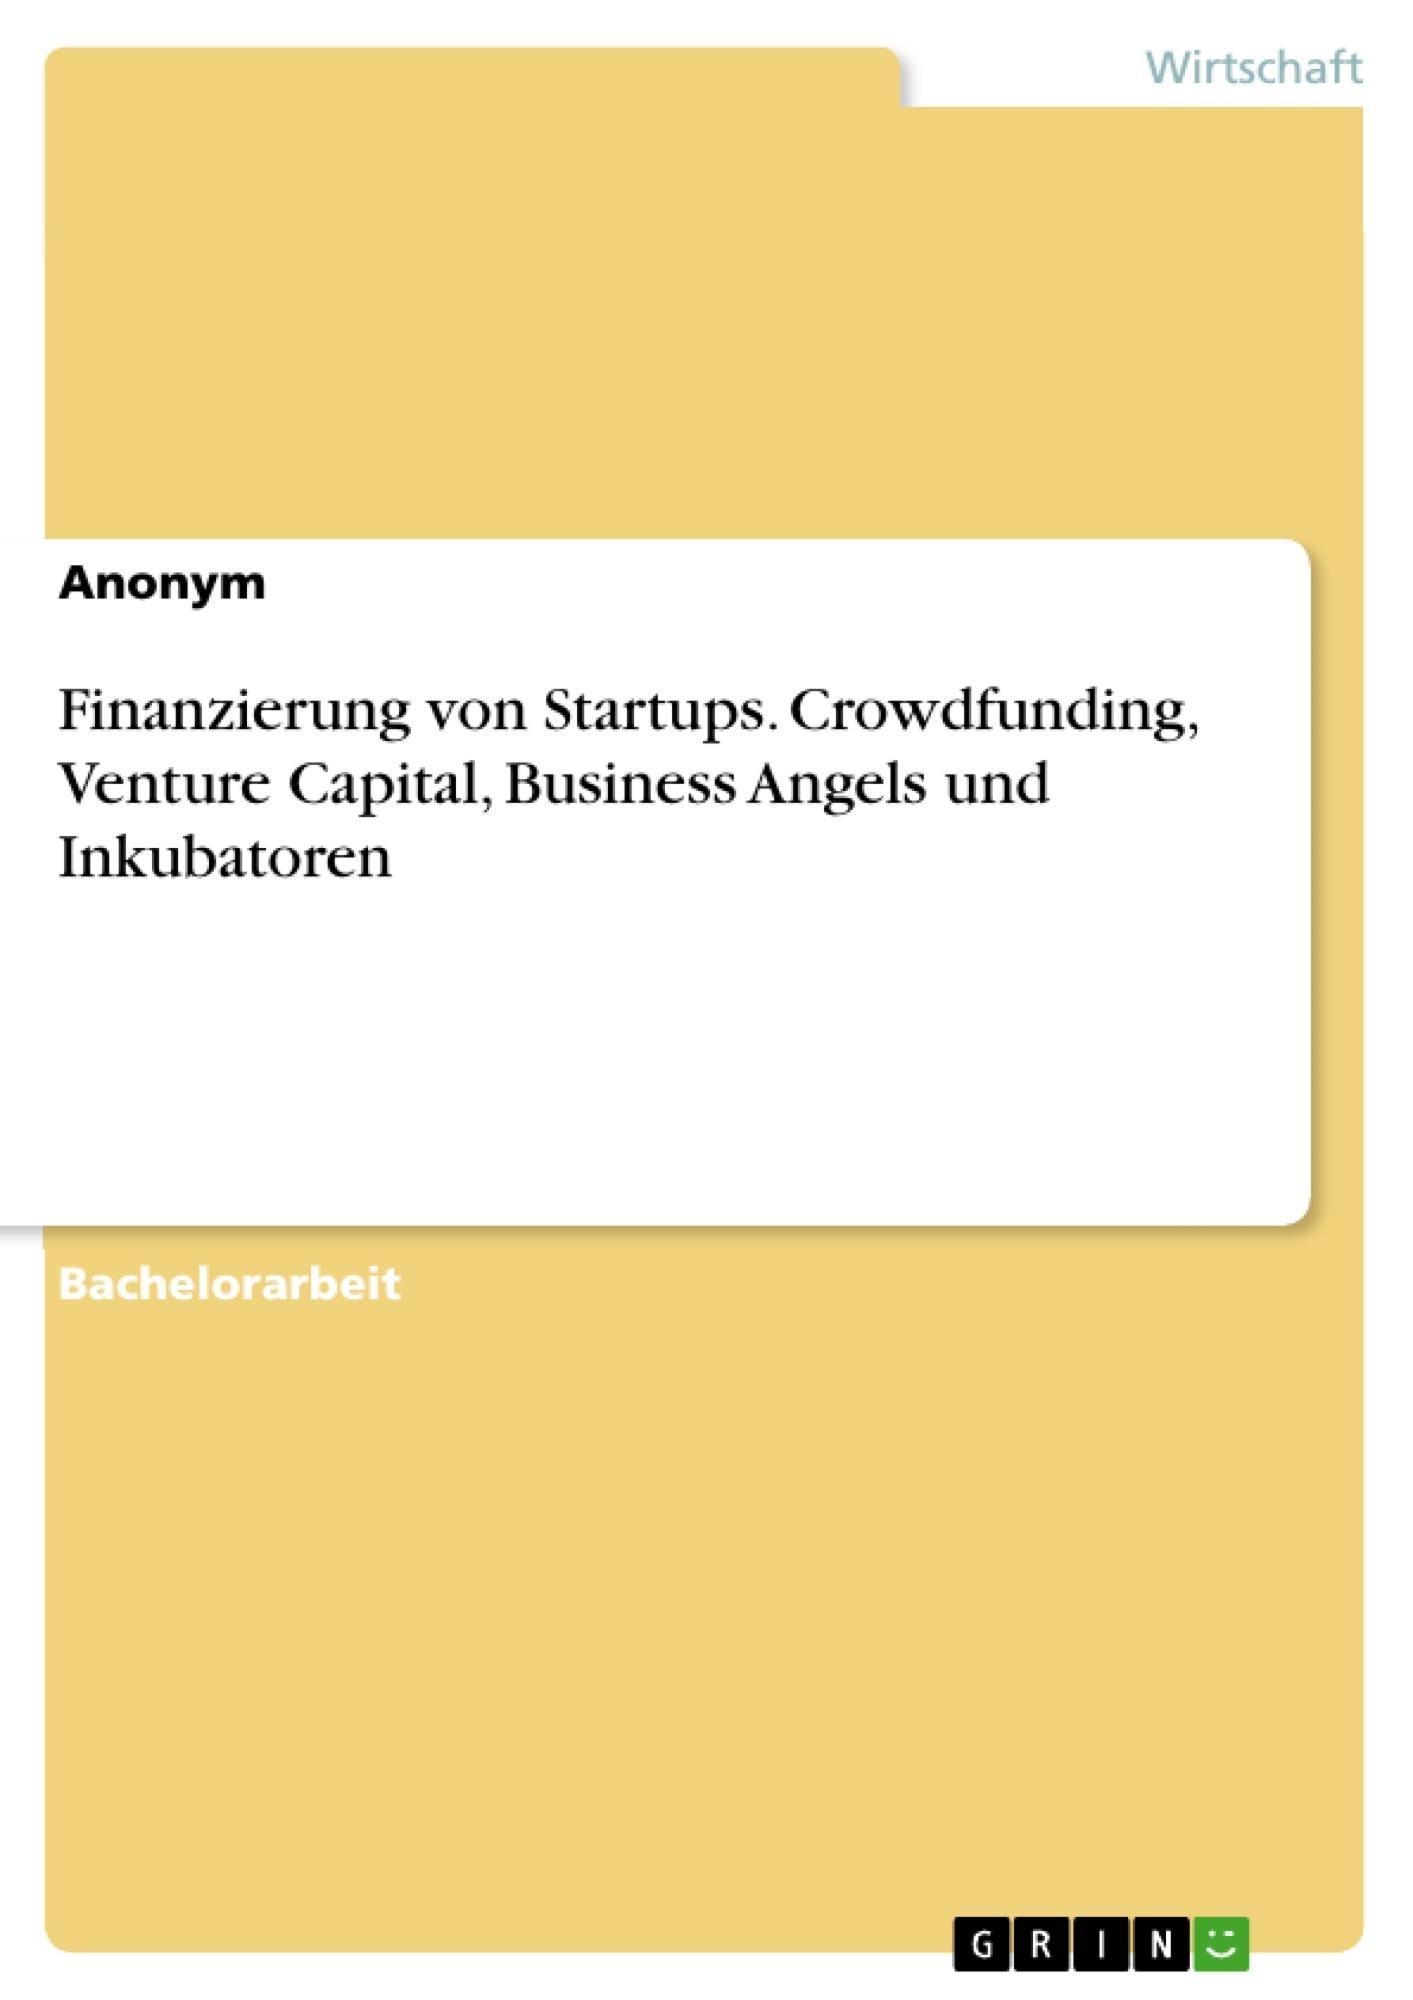 Titel: Finanzierung von Startups. Crowdfunding, Venture Capital, Business Angels und Inkubatoren